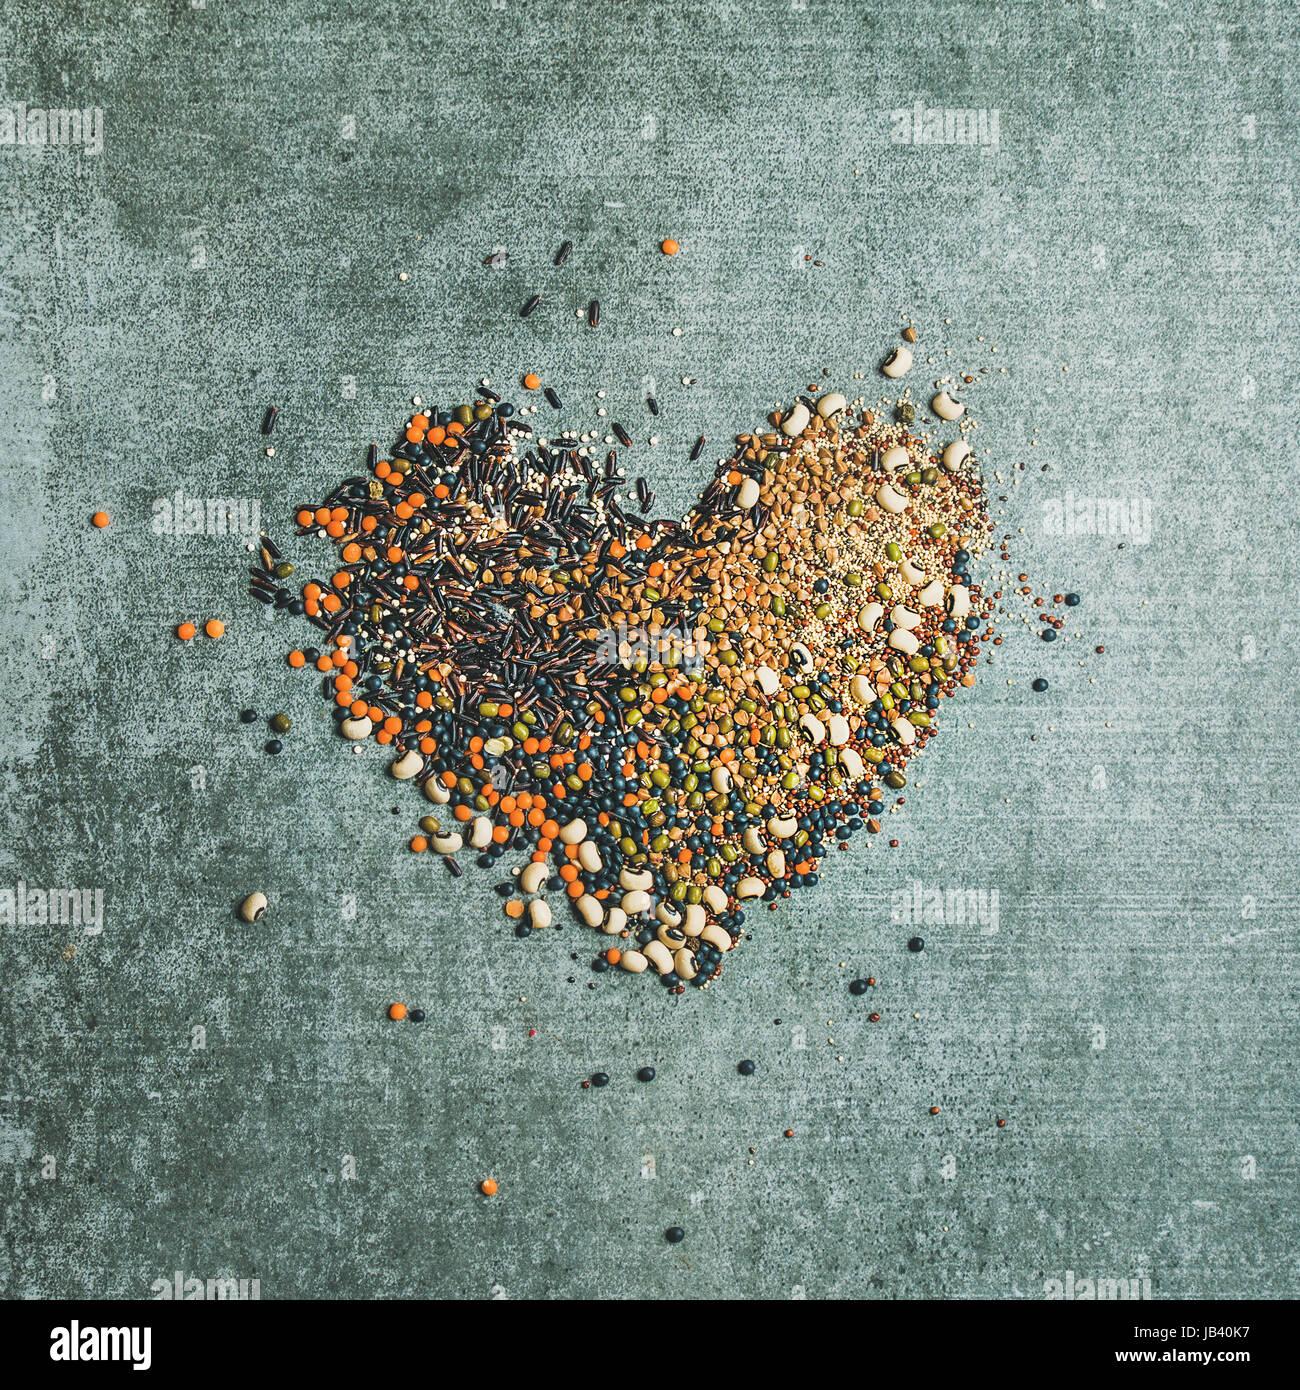 Vari cereali grezzi, fagioli, cereali in forma di cuore Immagini Stock